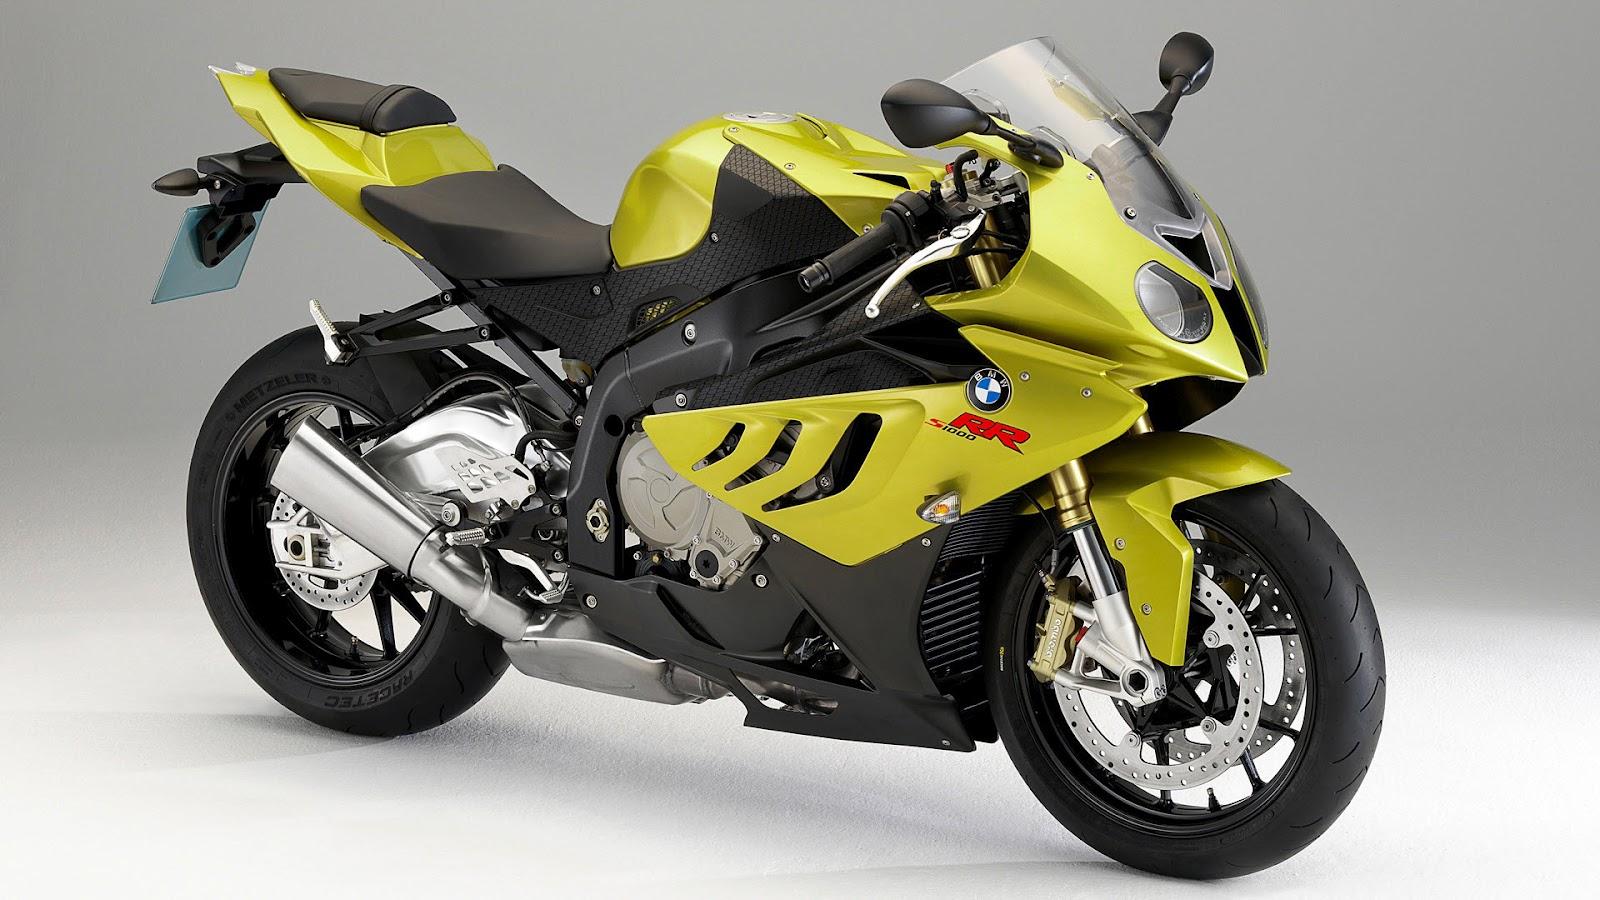 http://4.bp.blogspot.com/-ohWXZdx-NqM/T-lx3YLsaRI/AAAAAAAABmQ/2pjbPFBrly4/s1600/bmw-s-1000-rr-race-bike.jpg